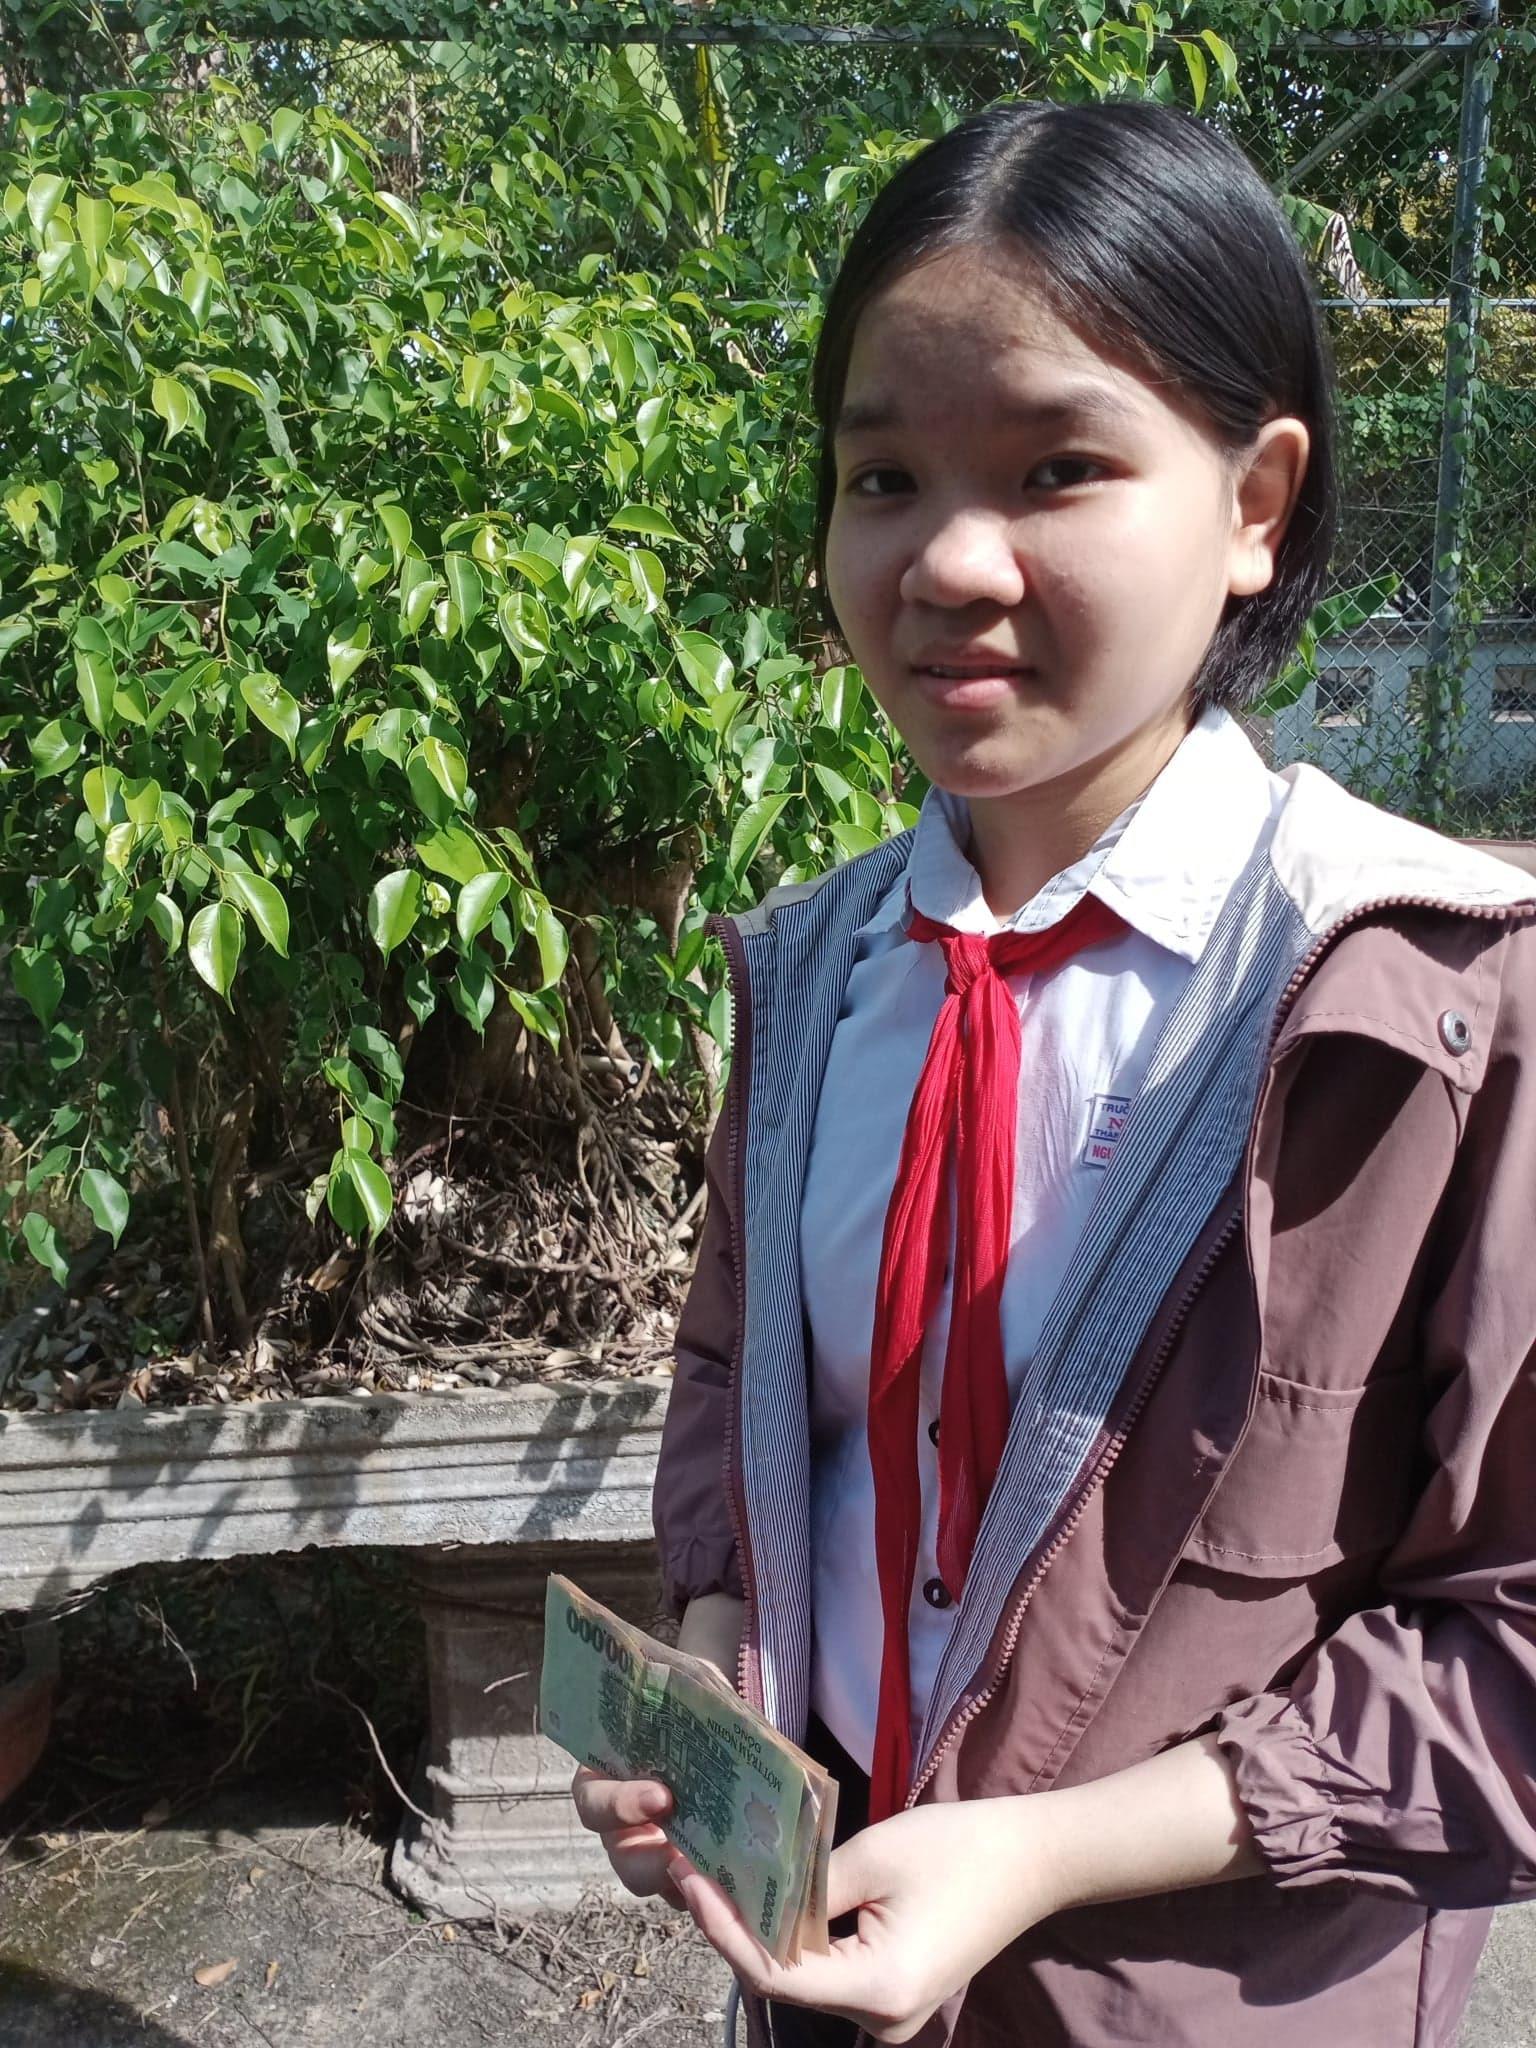 Nguyễn Thị Quỳnh Như học lớp 9/4 Trường THCS Nguyễn Du (Tam Kỳ) được các nhà hảo tâm hỗ trợ để tiếp tục đến trường.